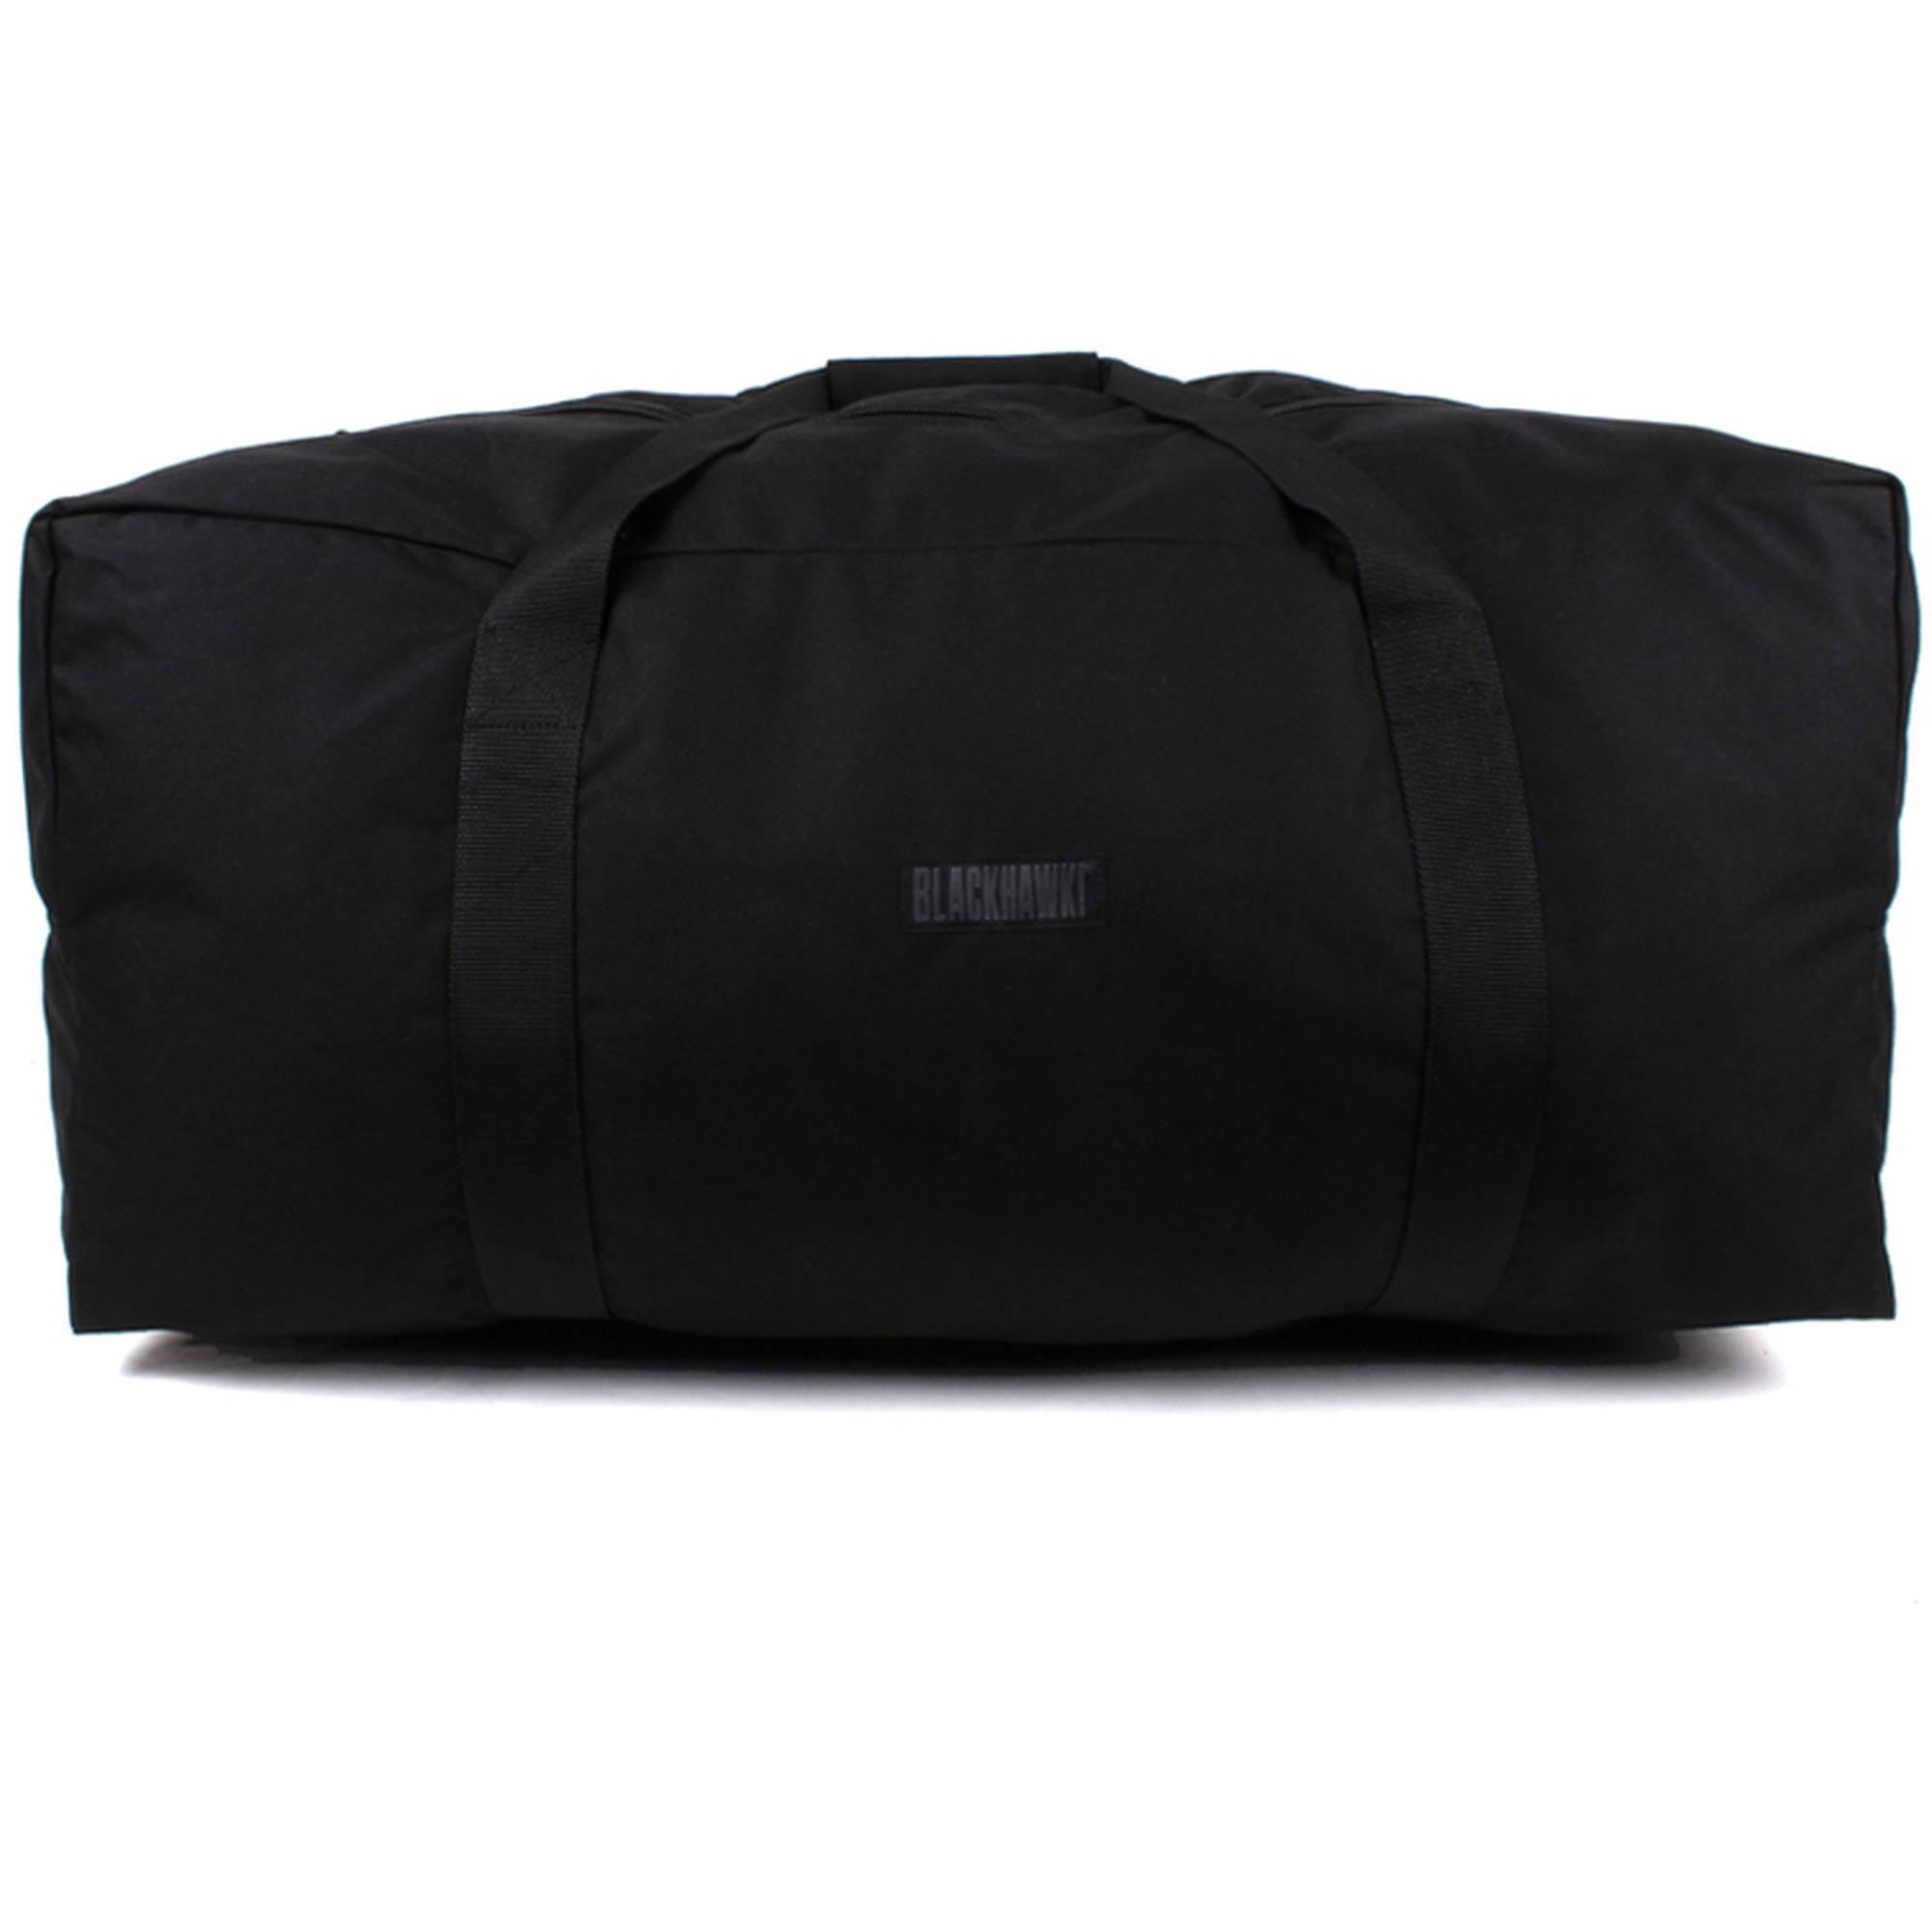 blackhawk 20cz00bk gear bag corner zipper walmart